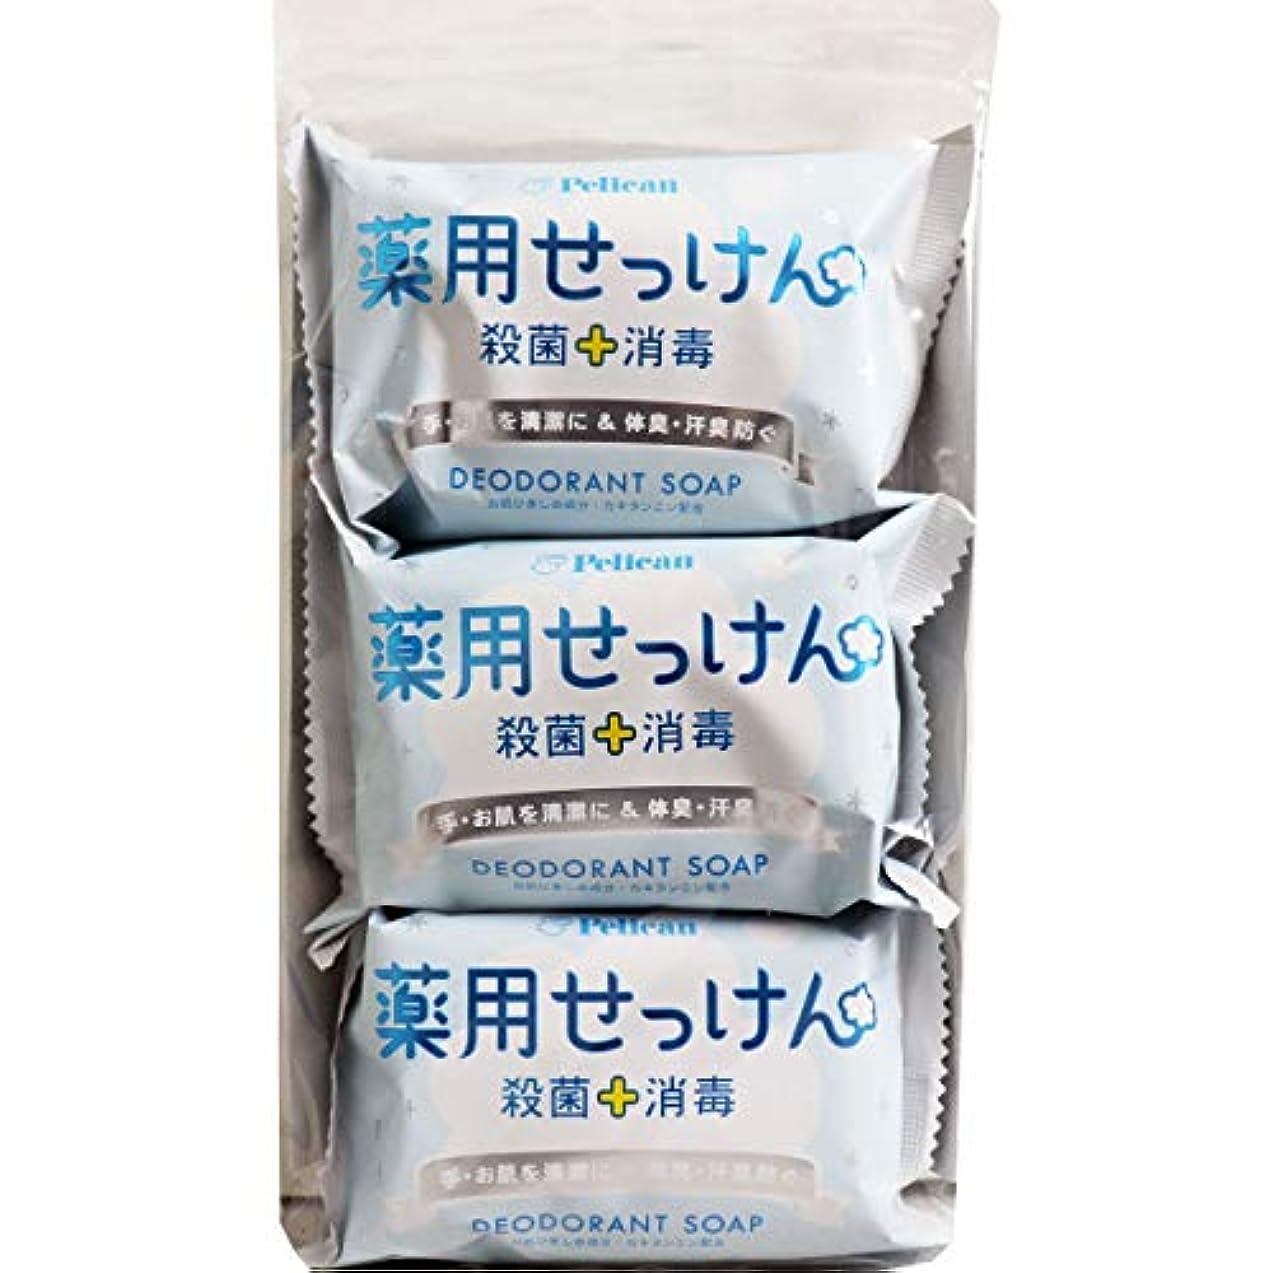 金曜日厄介なコンテストペリカン石鹸 薬用石けん 85g×3個×4パック